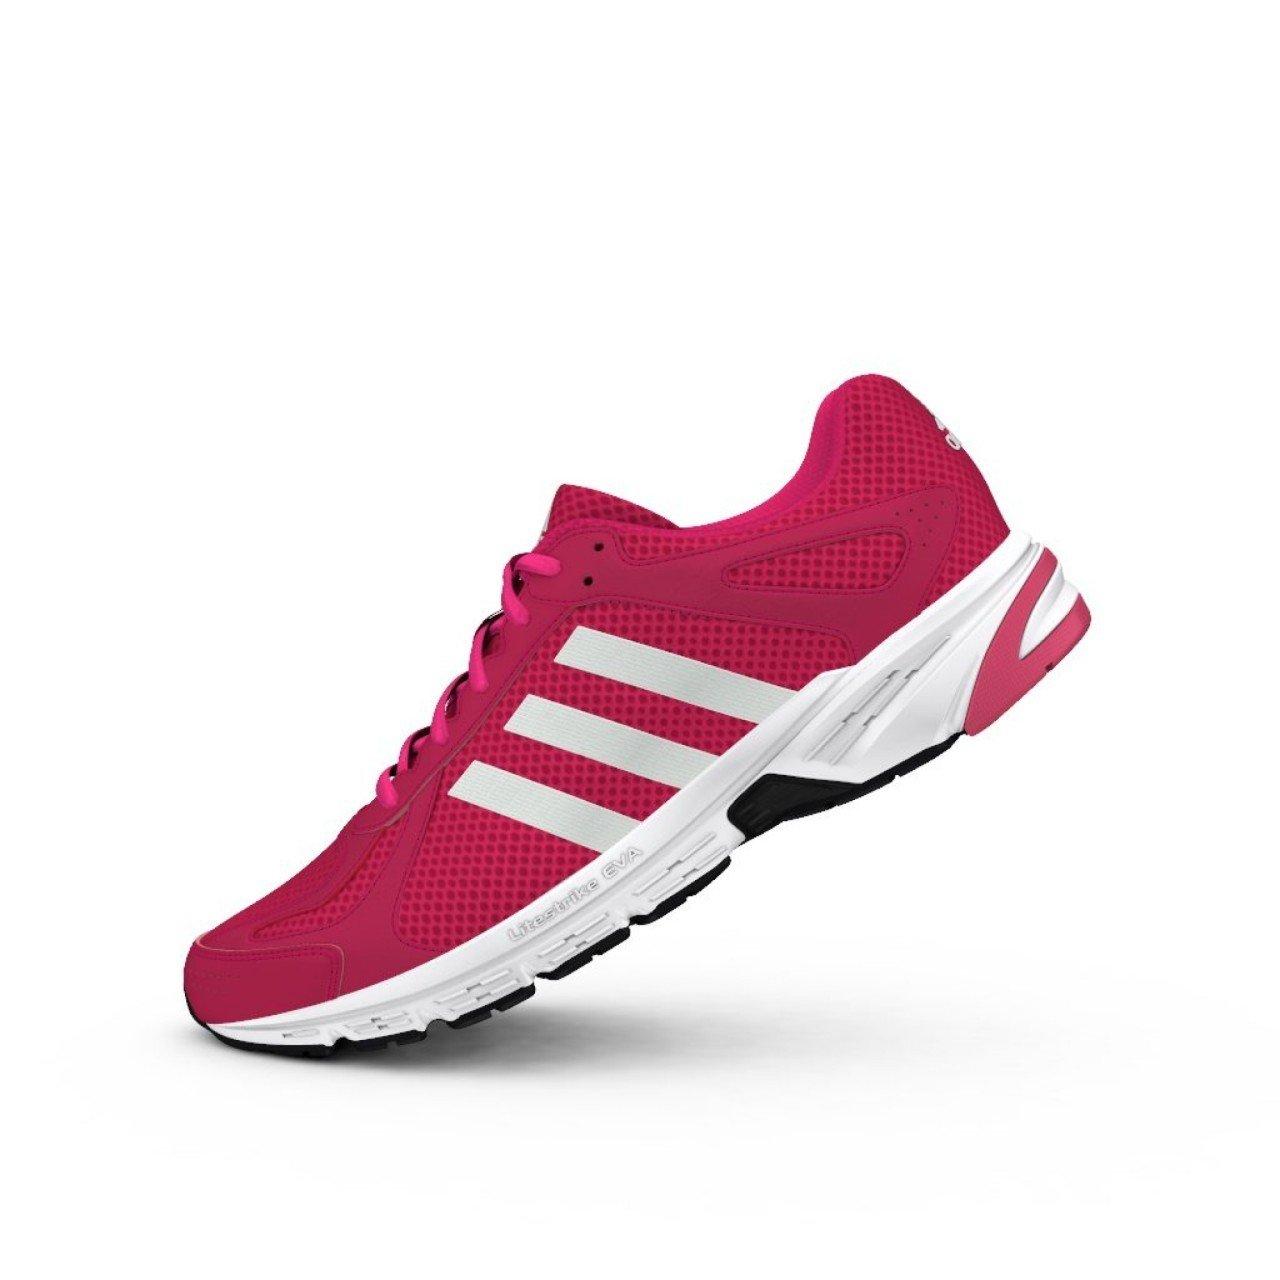 newest b09f5 218fd adidas Duramo 55 , Damen Laufschuhe, sneakers, hot pink - Größe 36.5  Amazon.de Schuhe  Handtaschen